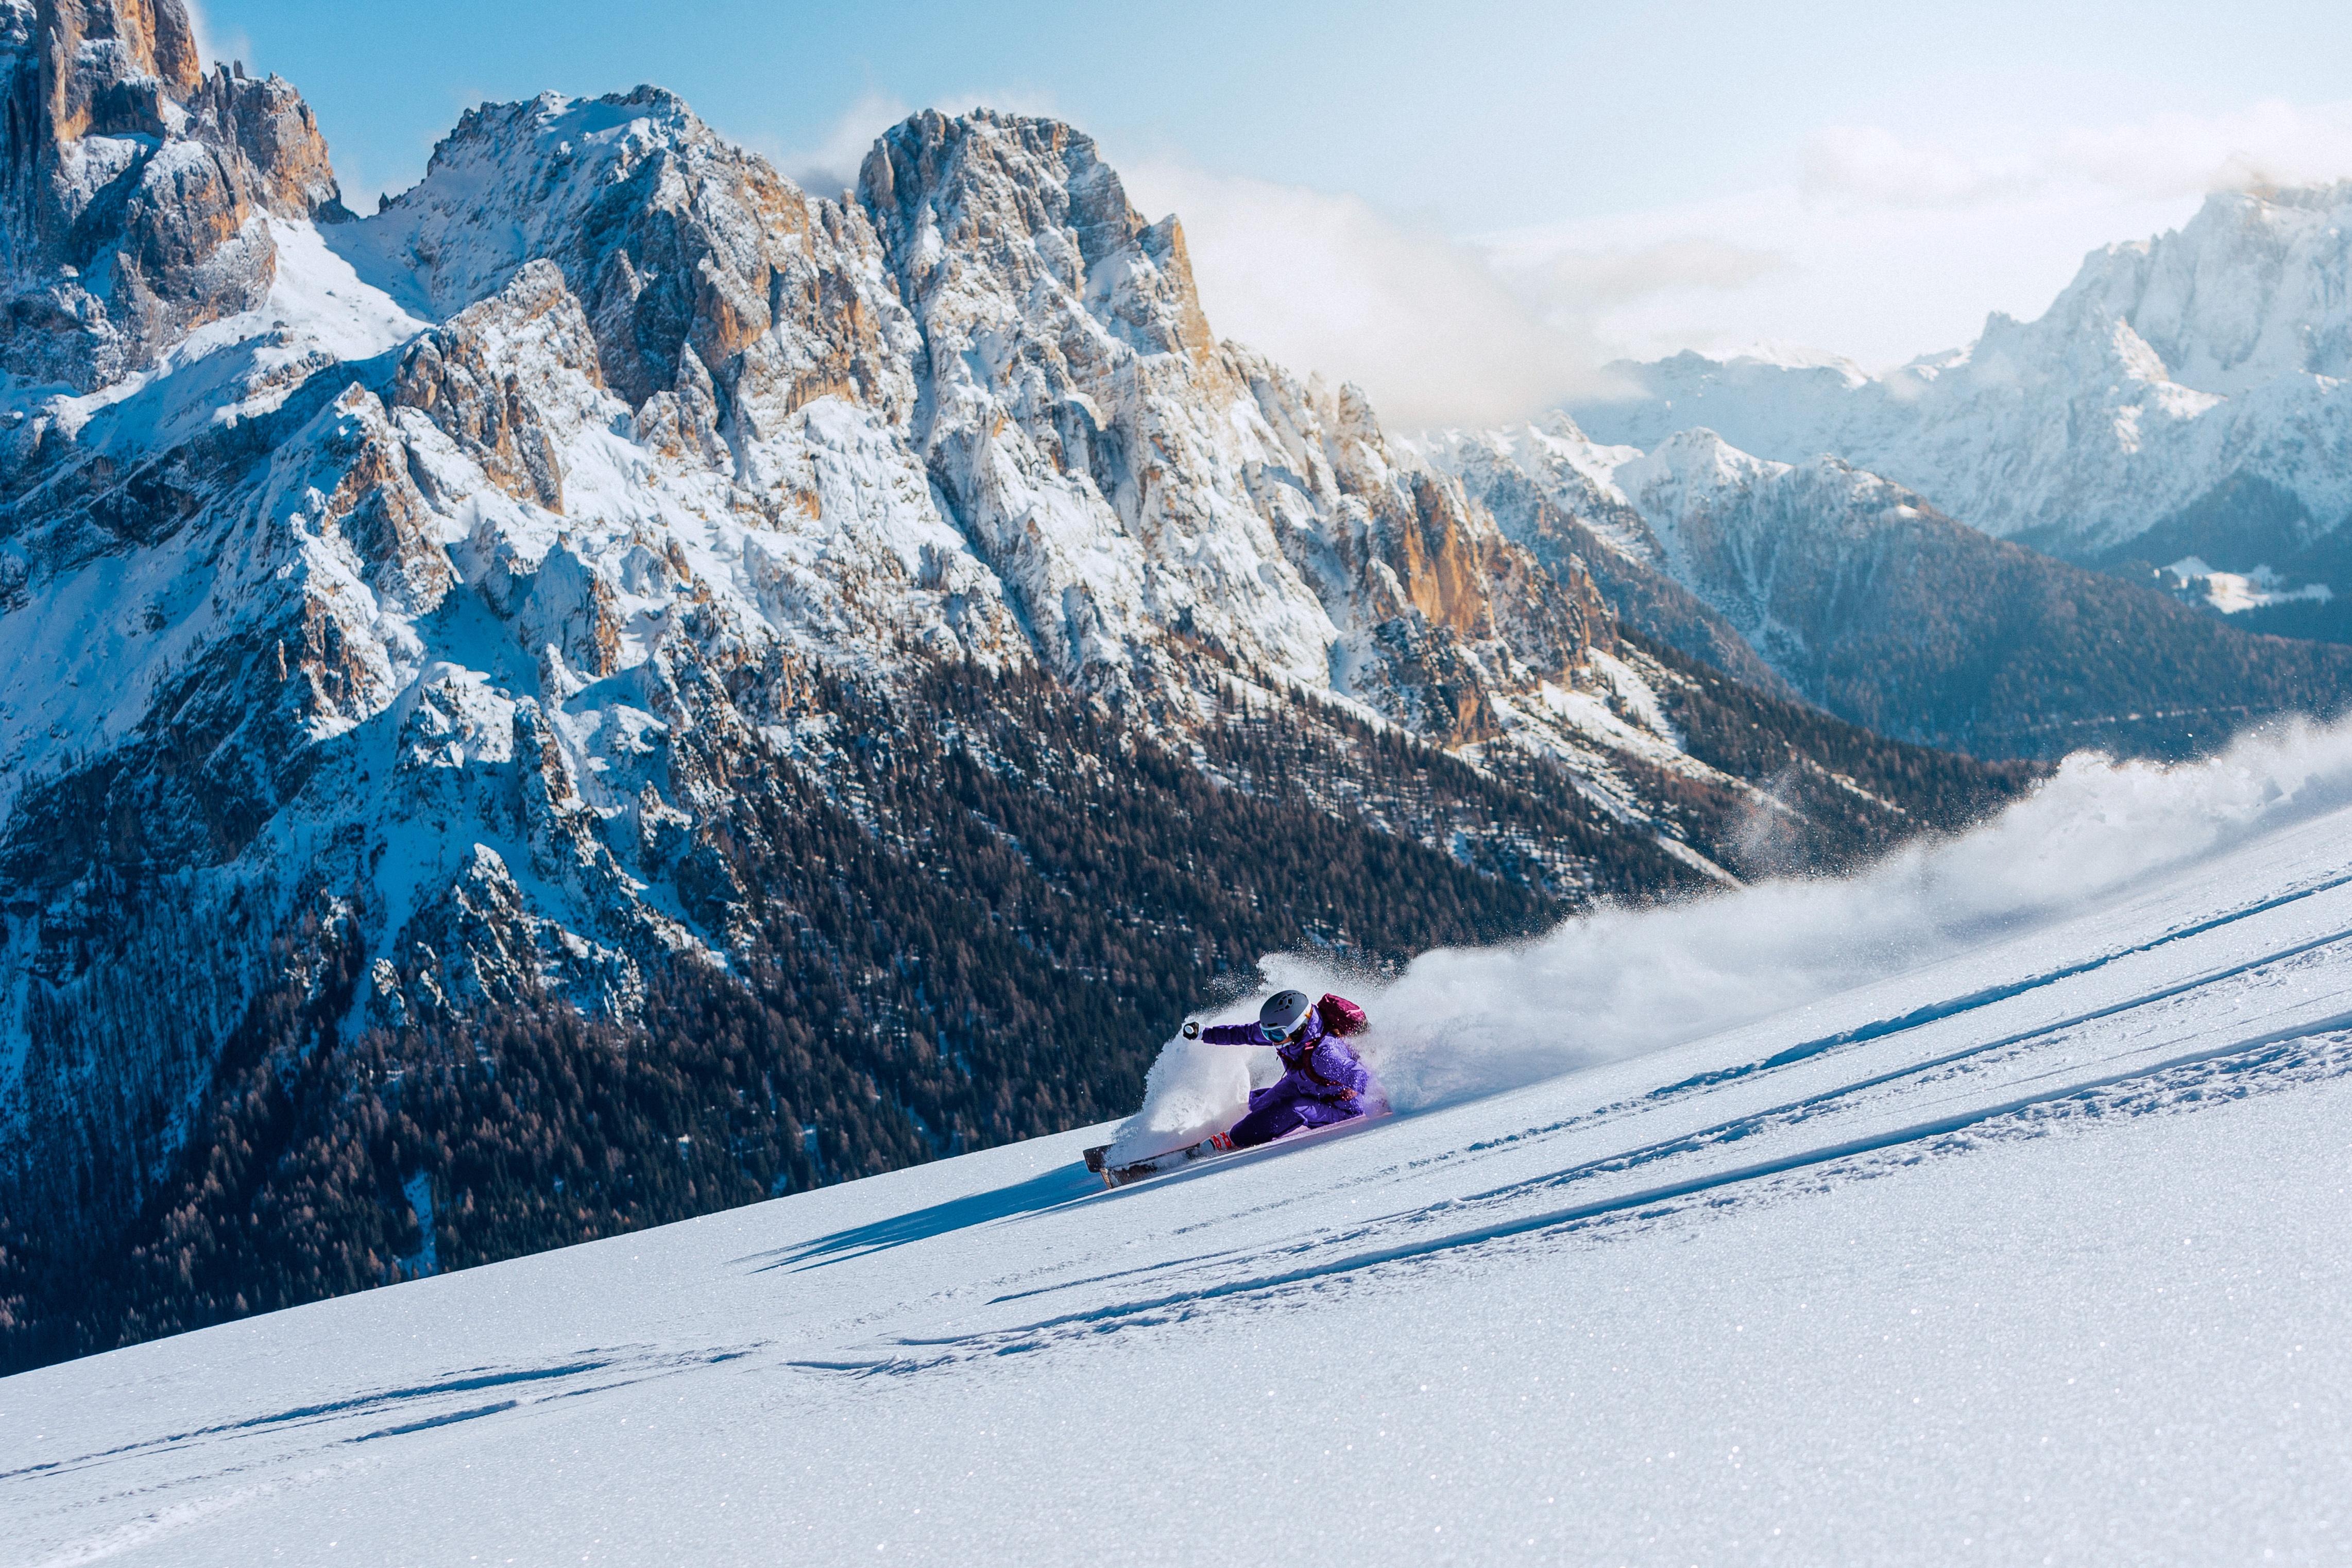 Mit h2o-tours ab in die Berge - Die 5 besten Skitrips ab Mannheim von unserem Partner